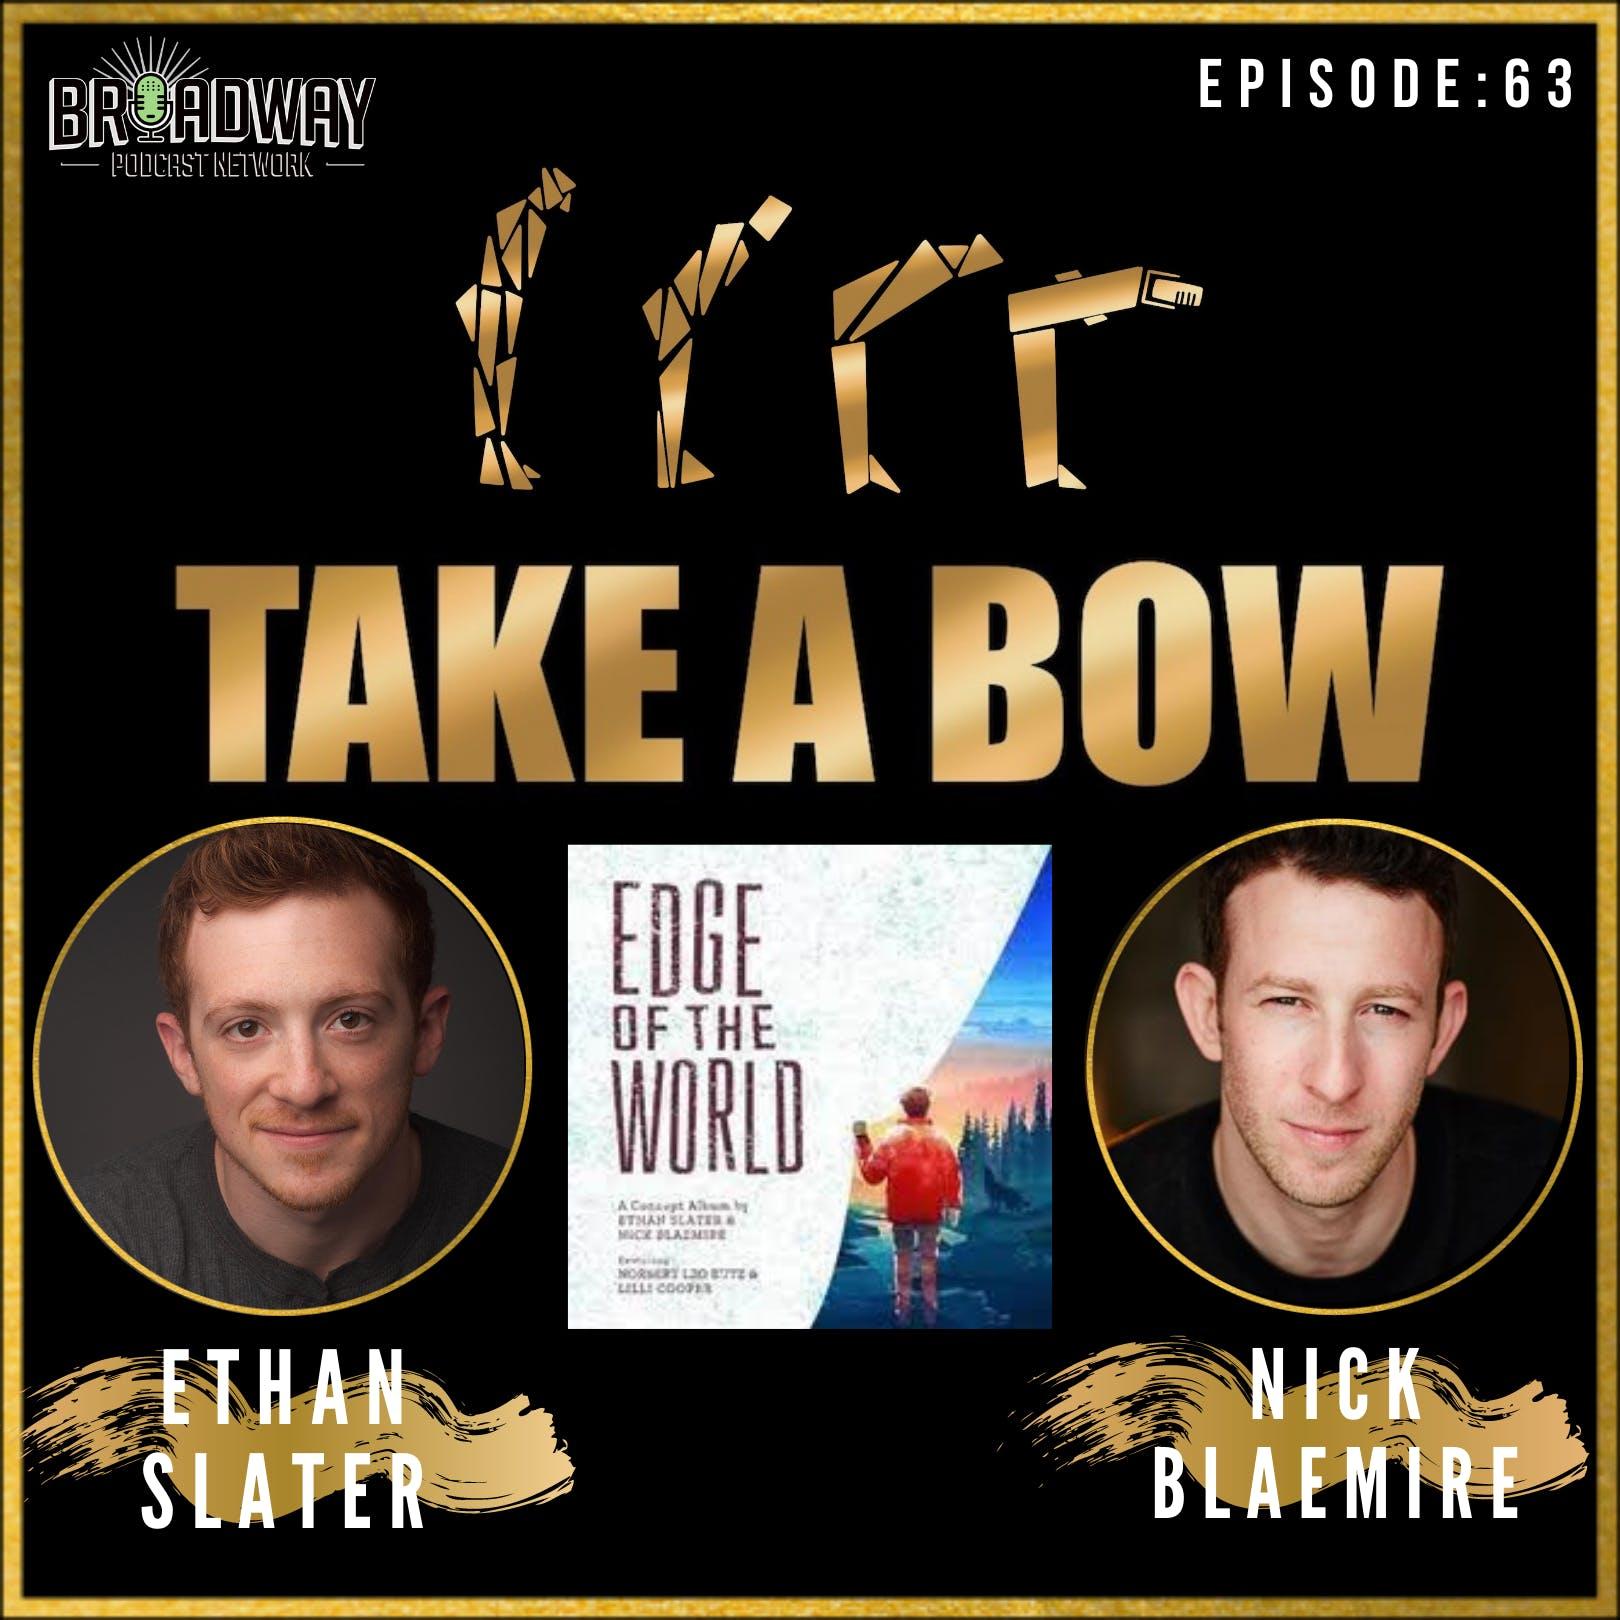 #63 - Ethan Slater & Nick Blaemire